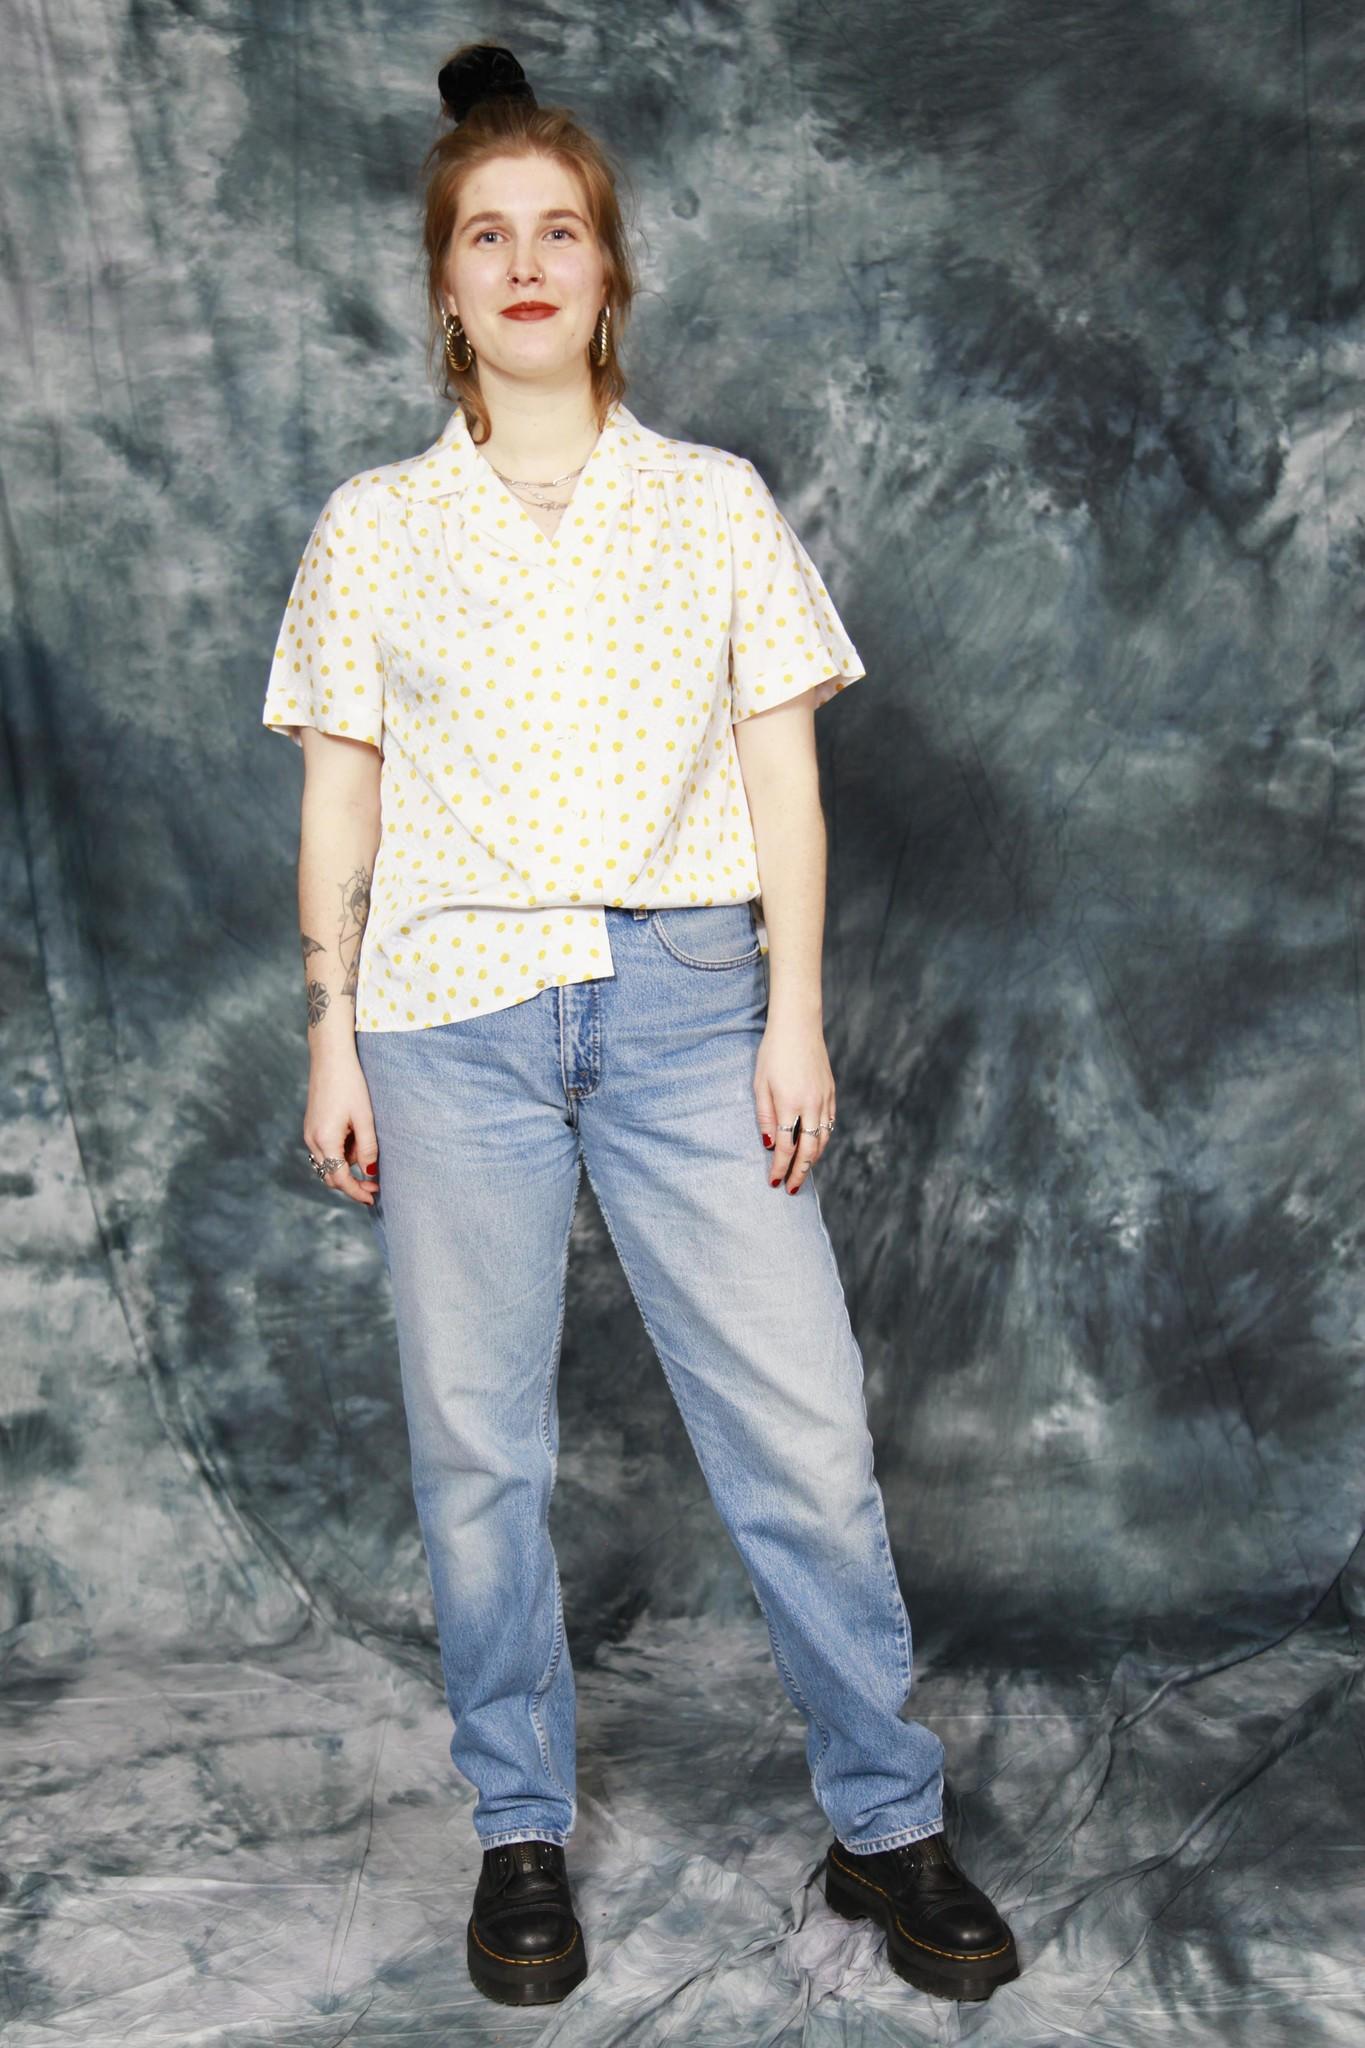 Yellow 80s polka dot blouse